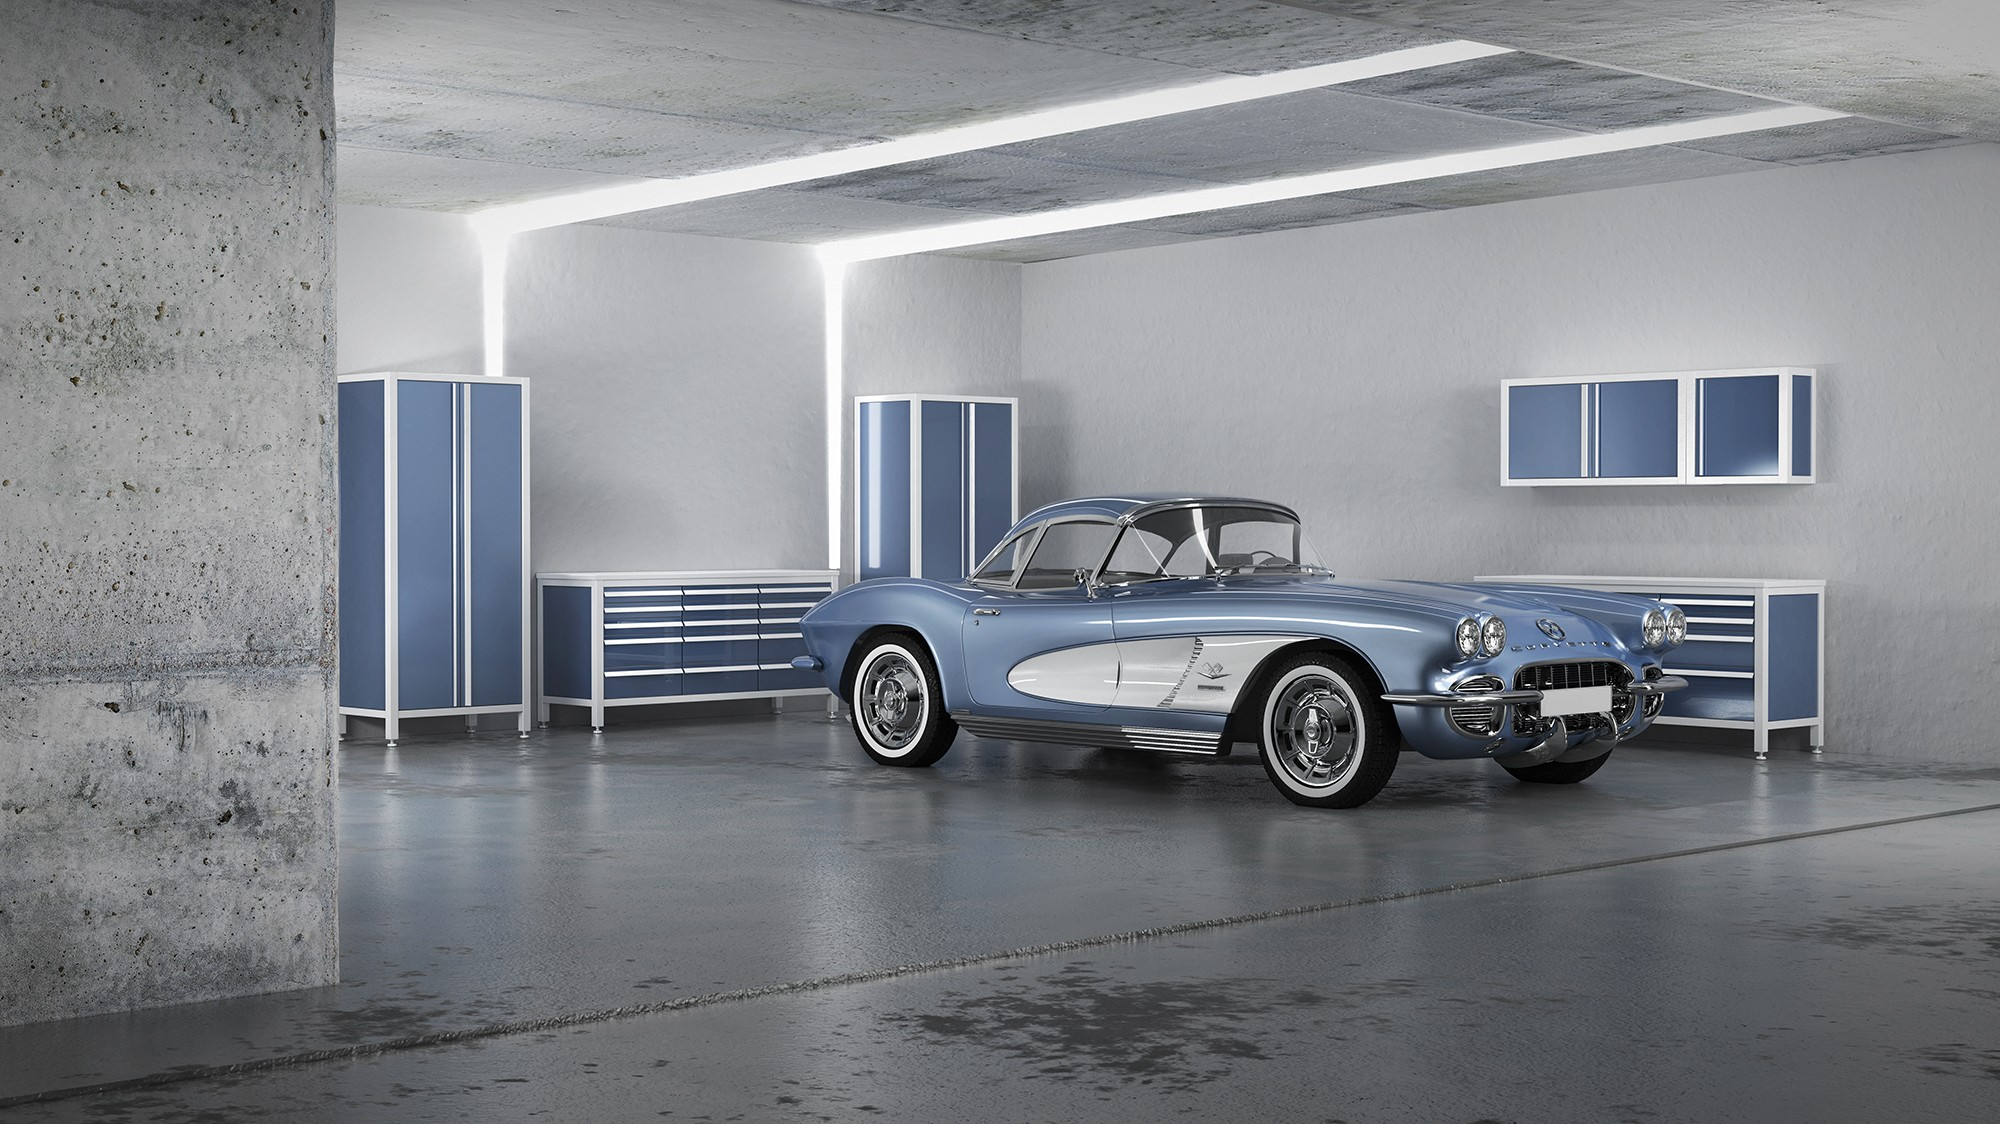 Luxusgarage mit Oldtimer - Oldtimergarage - blau